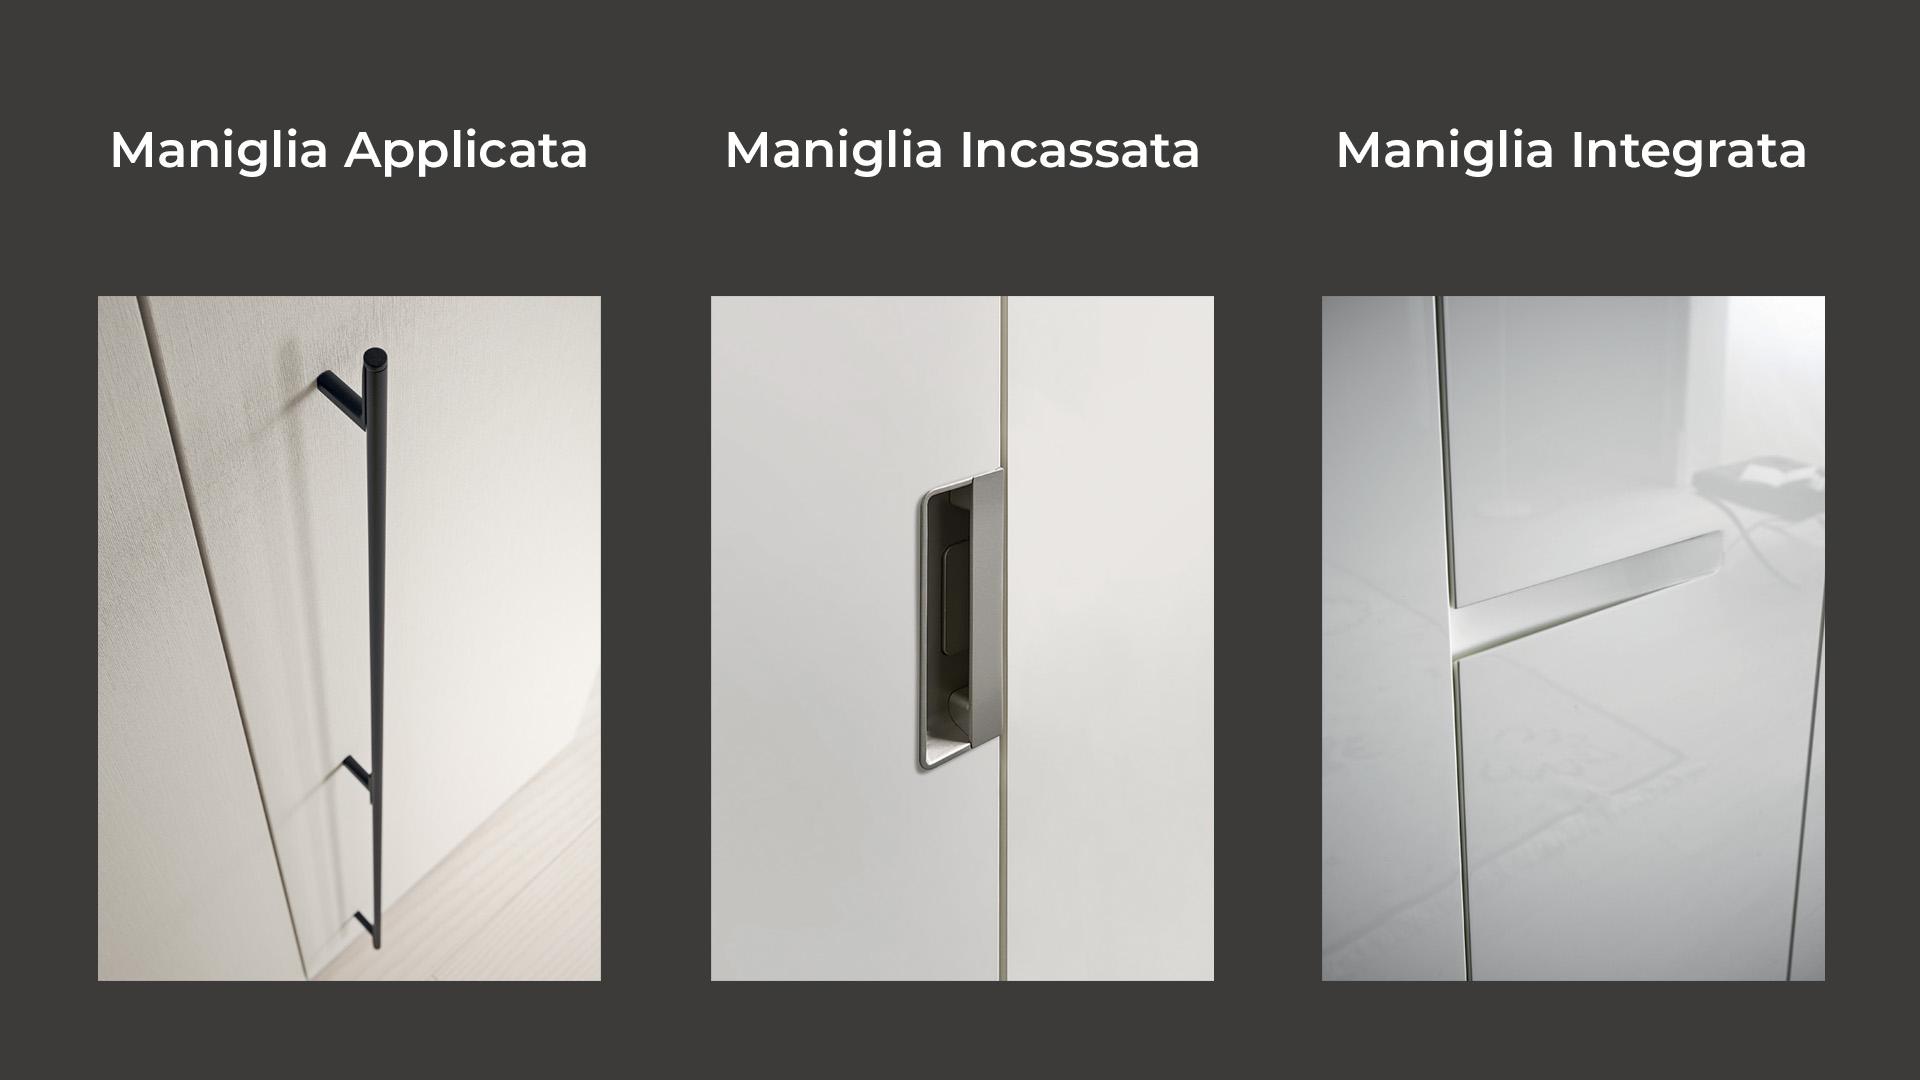 Maniglie armadio: applicate, incassate, integrate